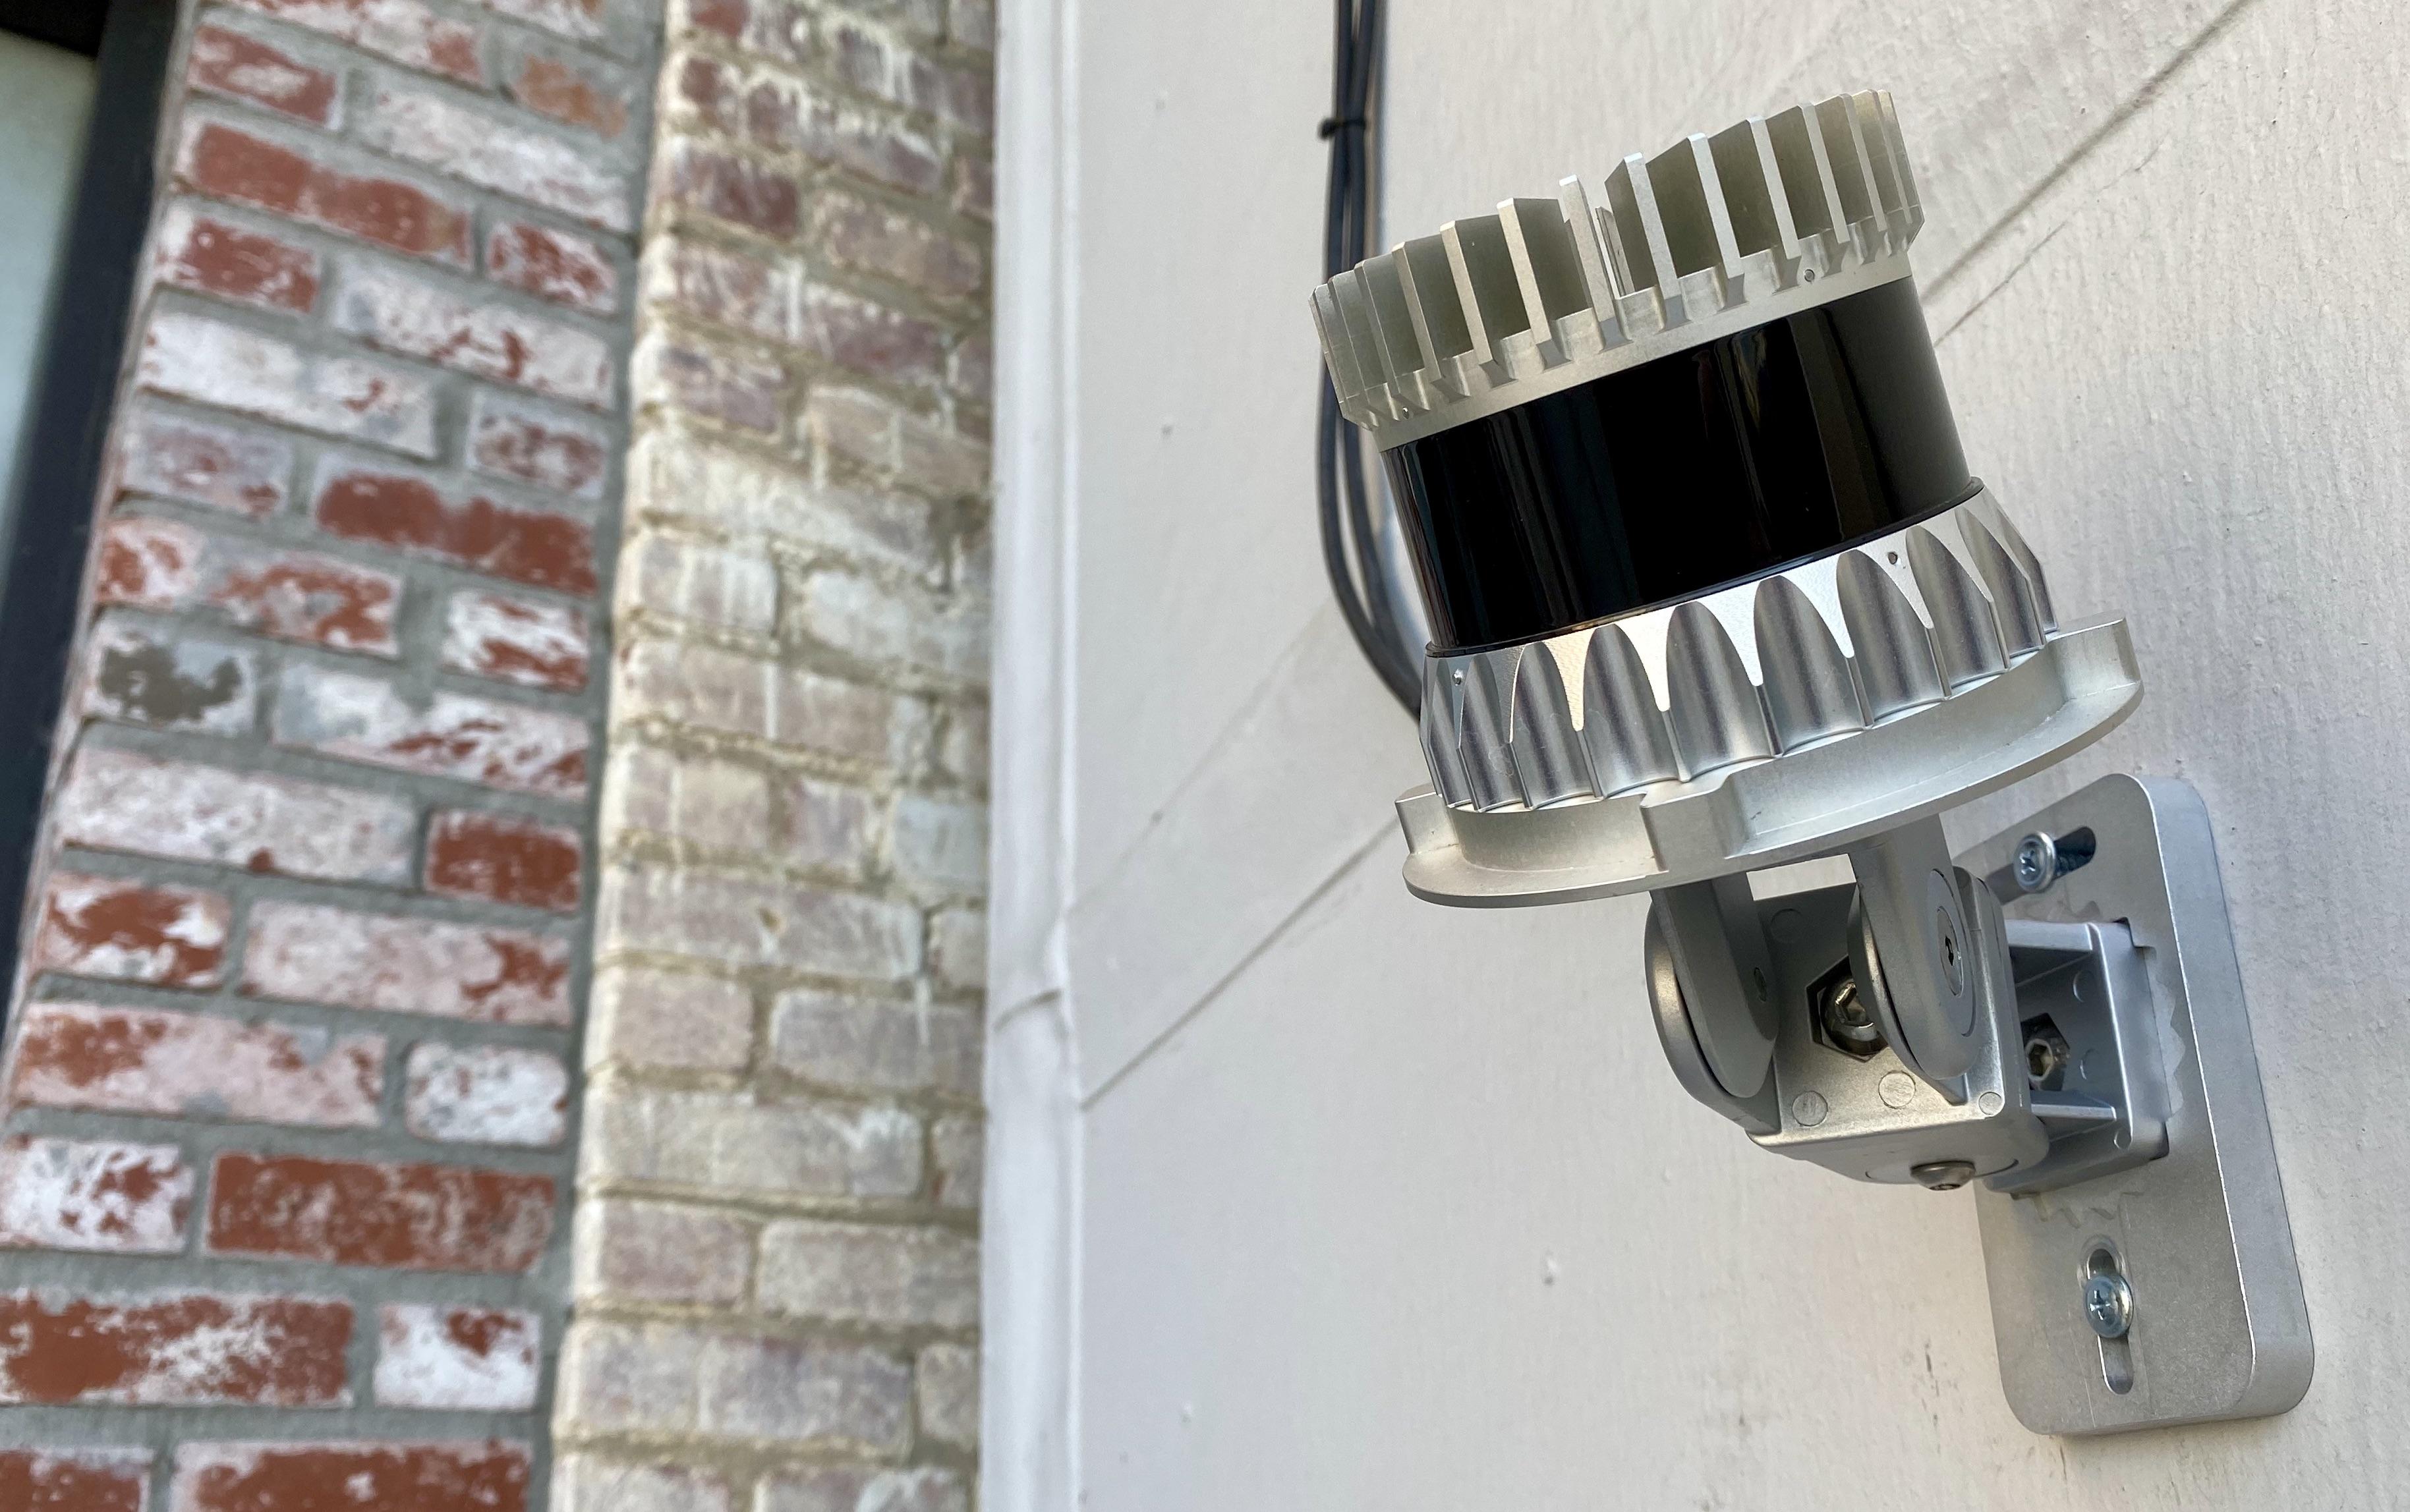 Lidar sensor for perimeter security